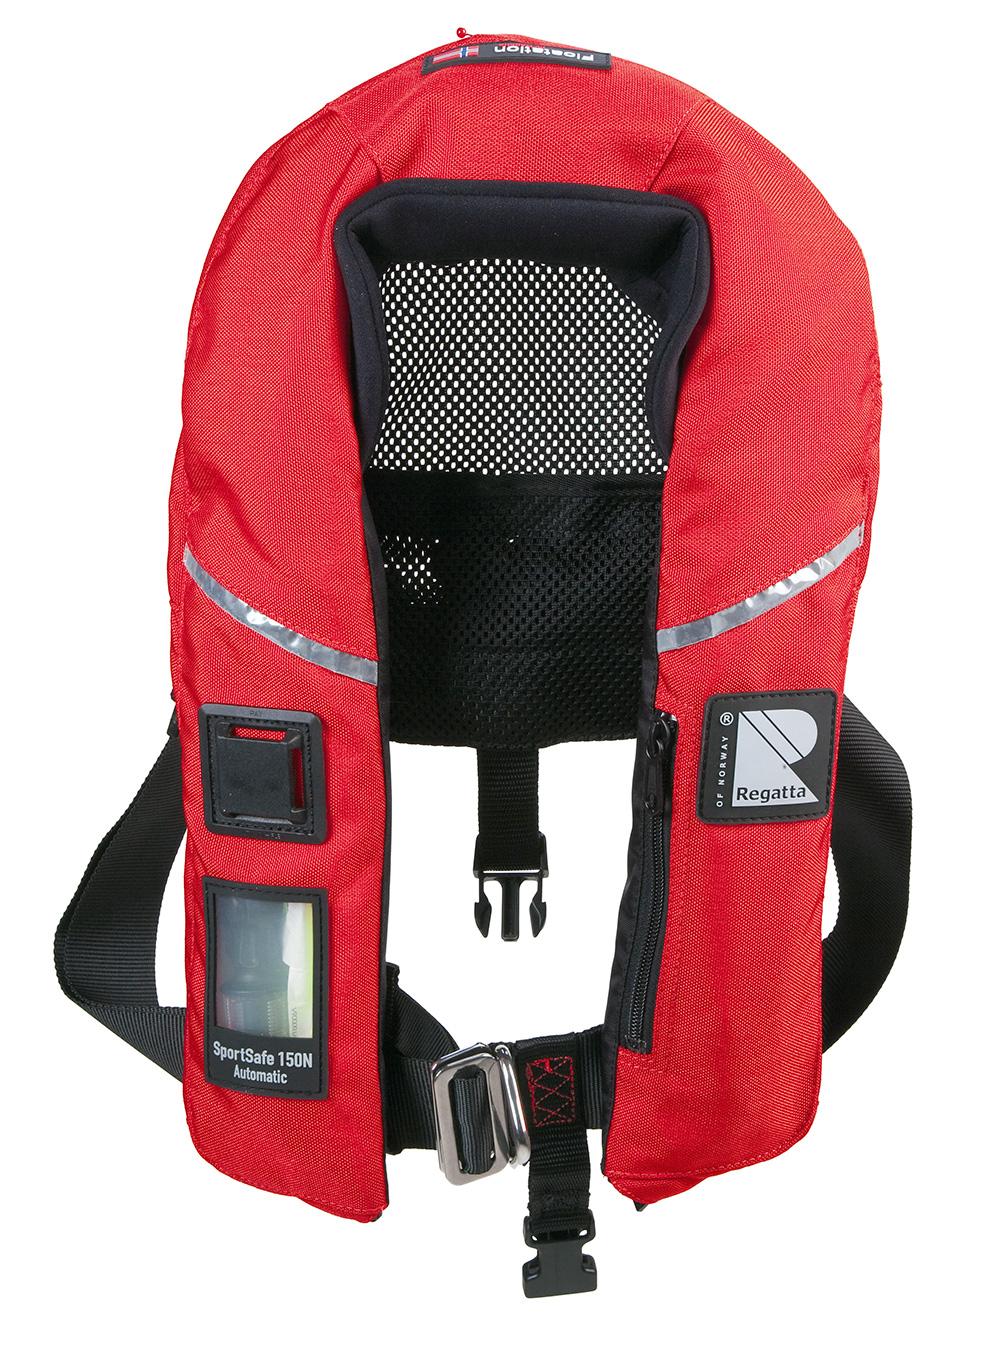 SportSafe-100422-8069-svart-red-ny-logo1.jpg